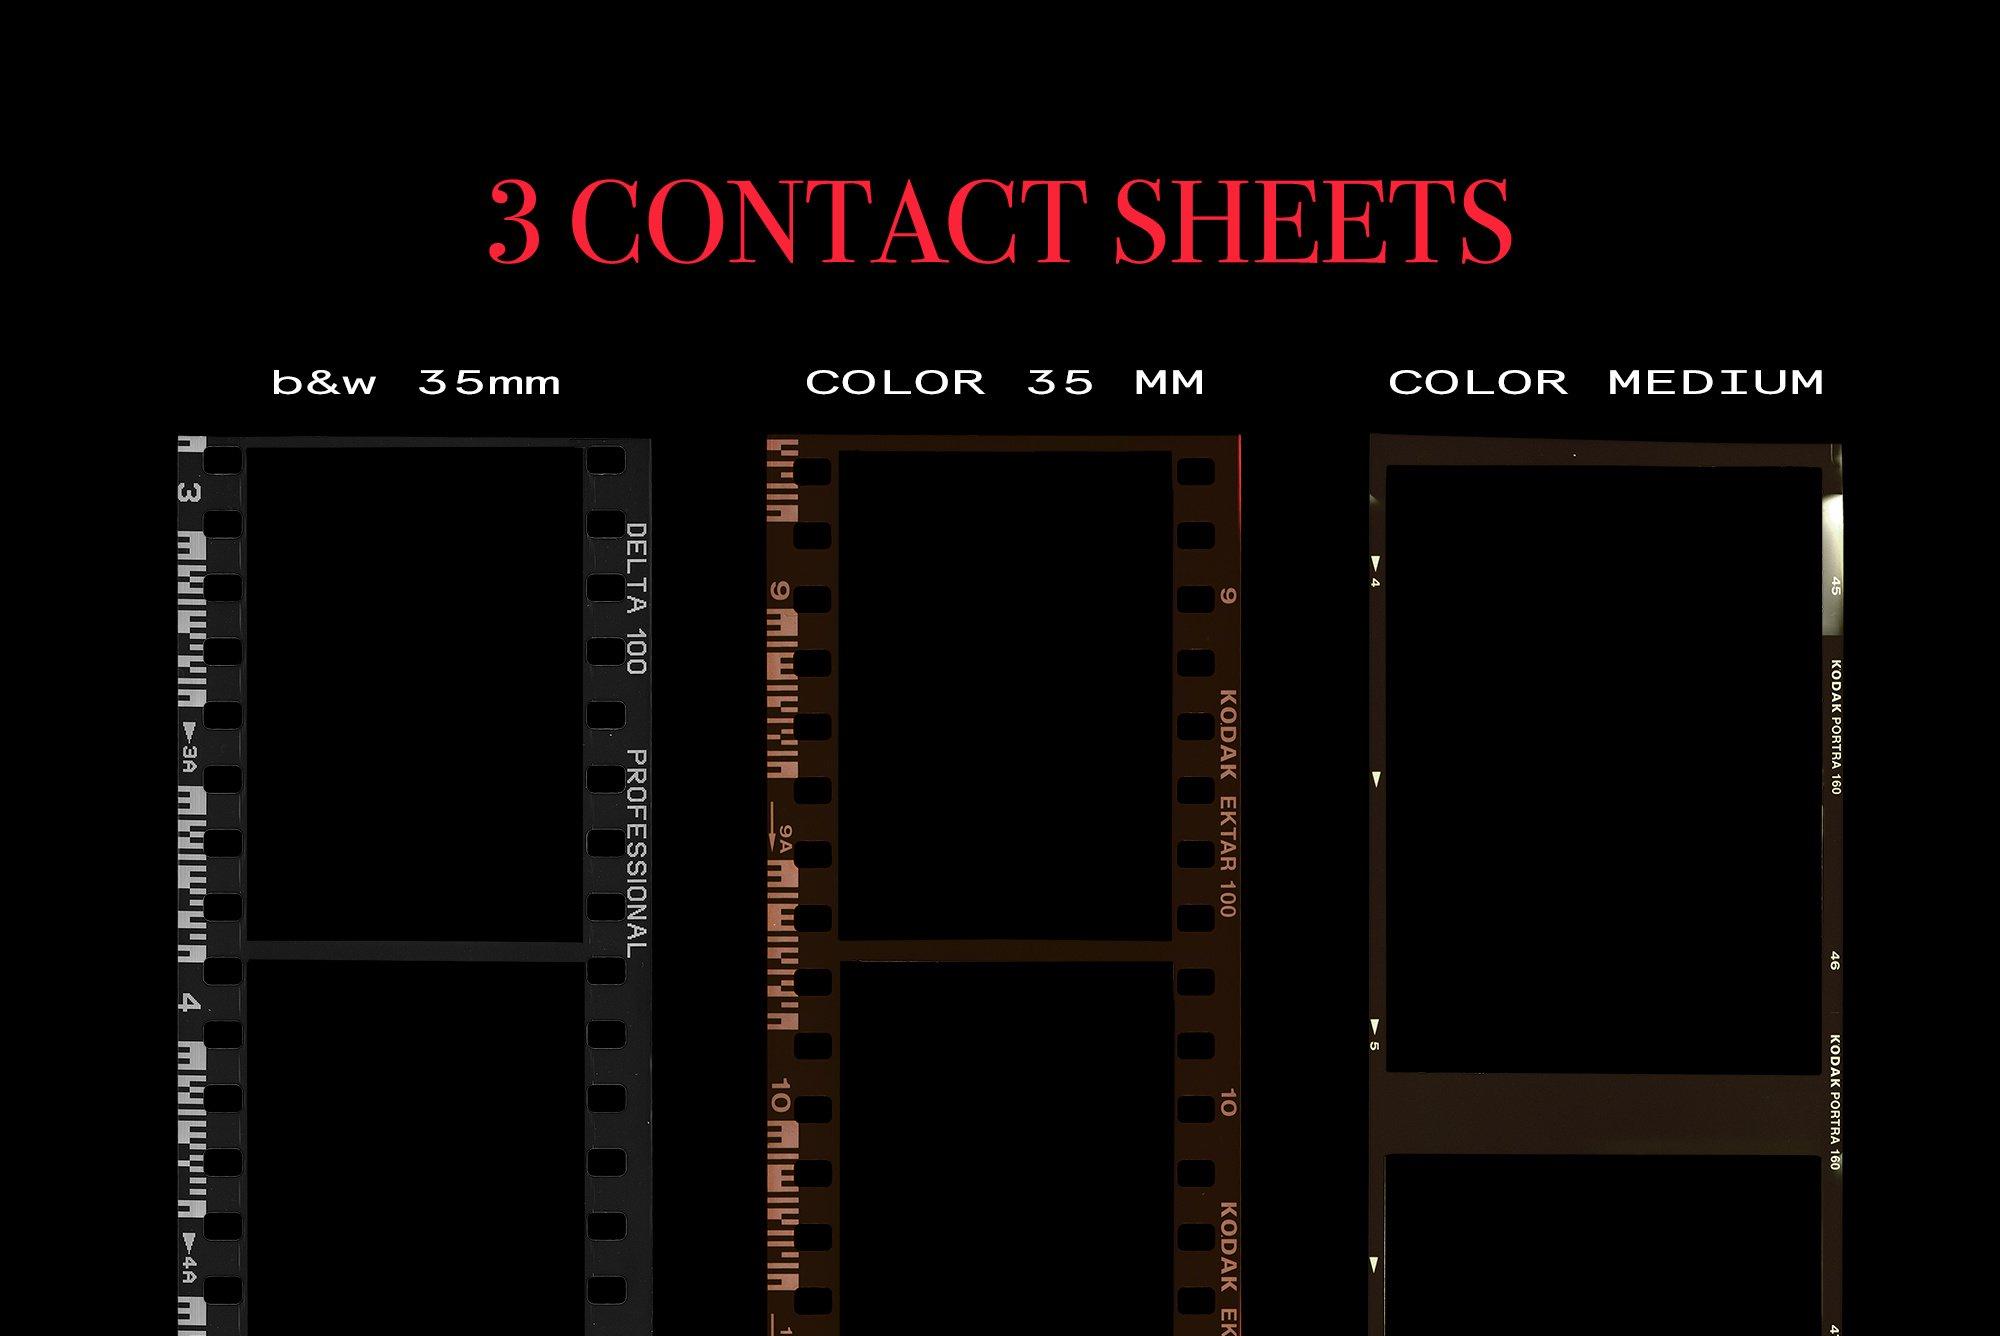 [淘宝购买] 潮流老式胶片胶卷边框图层叠加样机PS设计素材 Contact Sheet Film Roll Mockup插图(9)